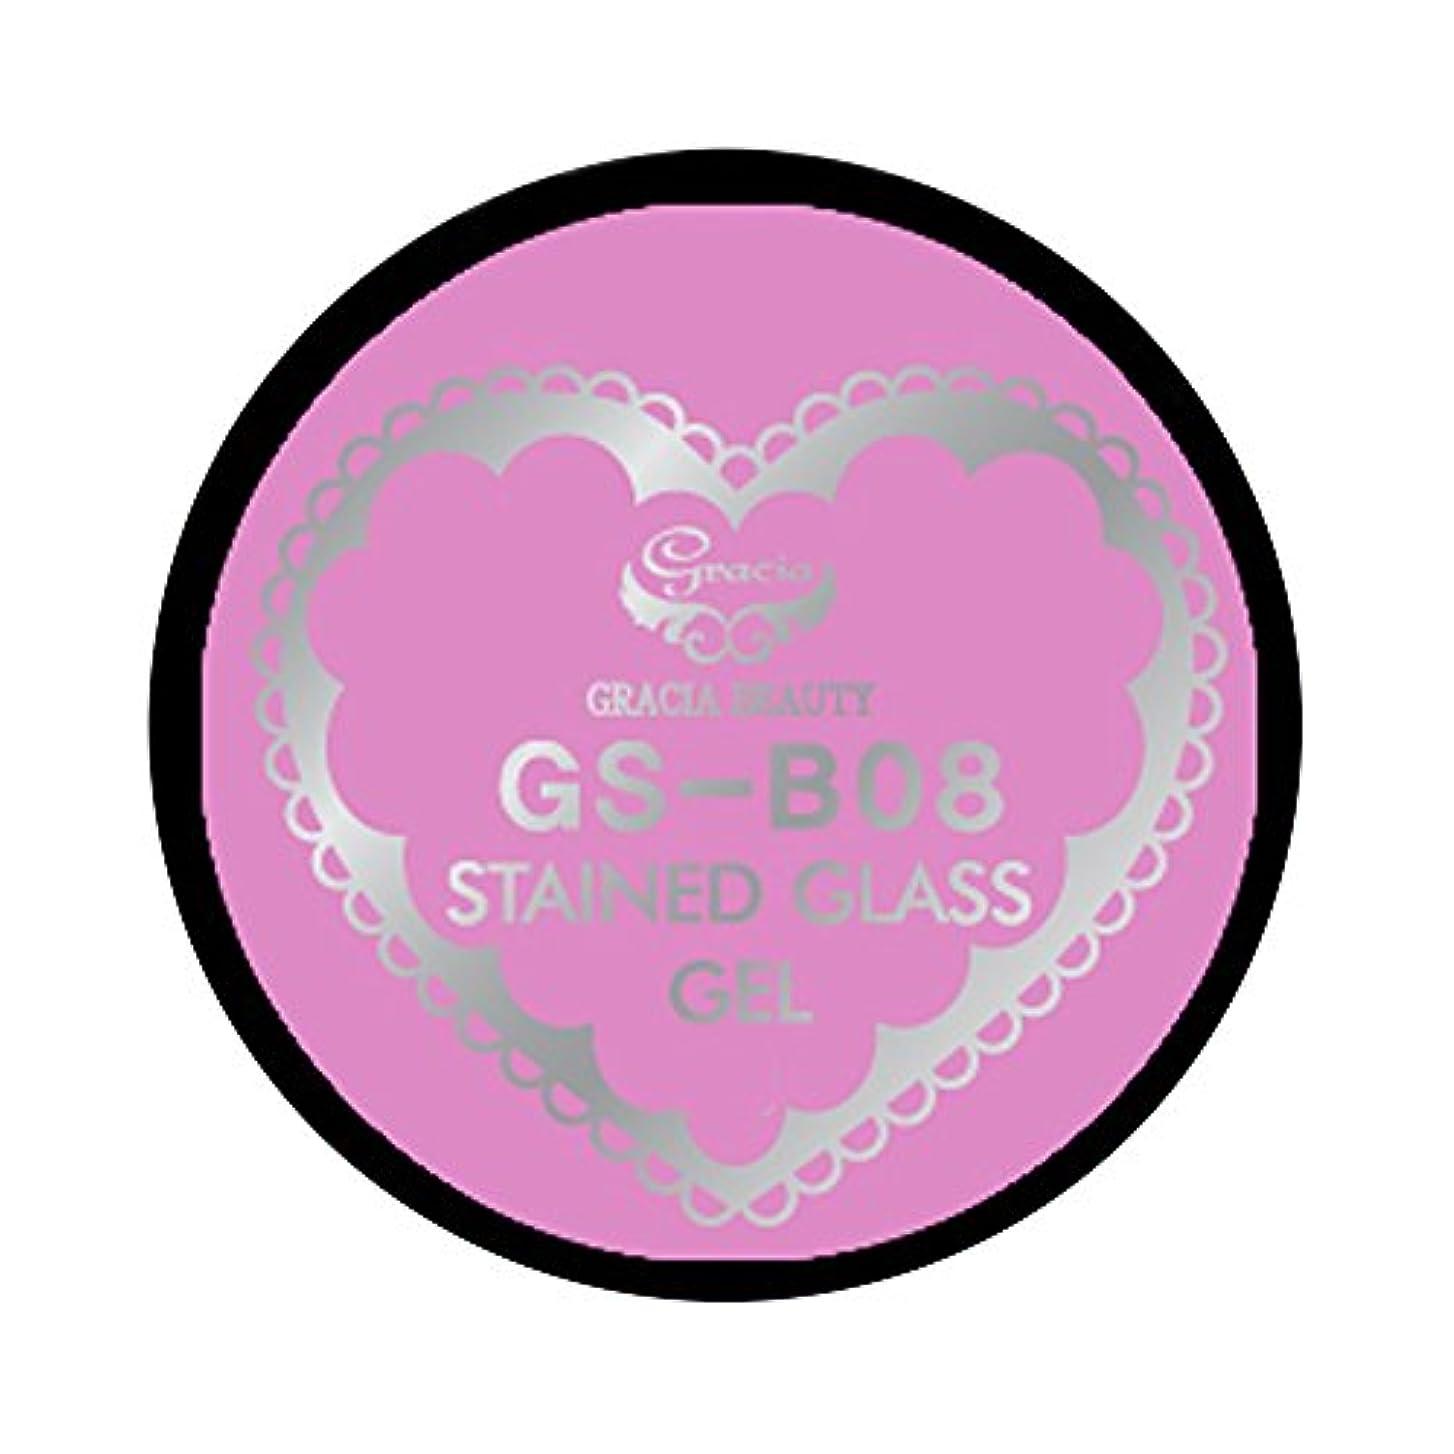 地区通り足枷グラシア ジェルネイル ステンドグラスジェル GSM-B08 3g